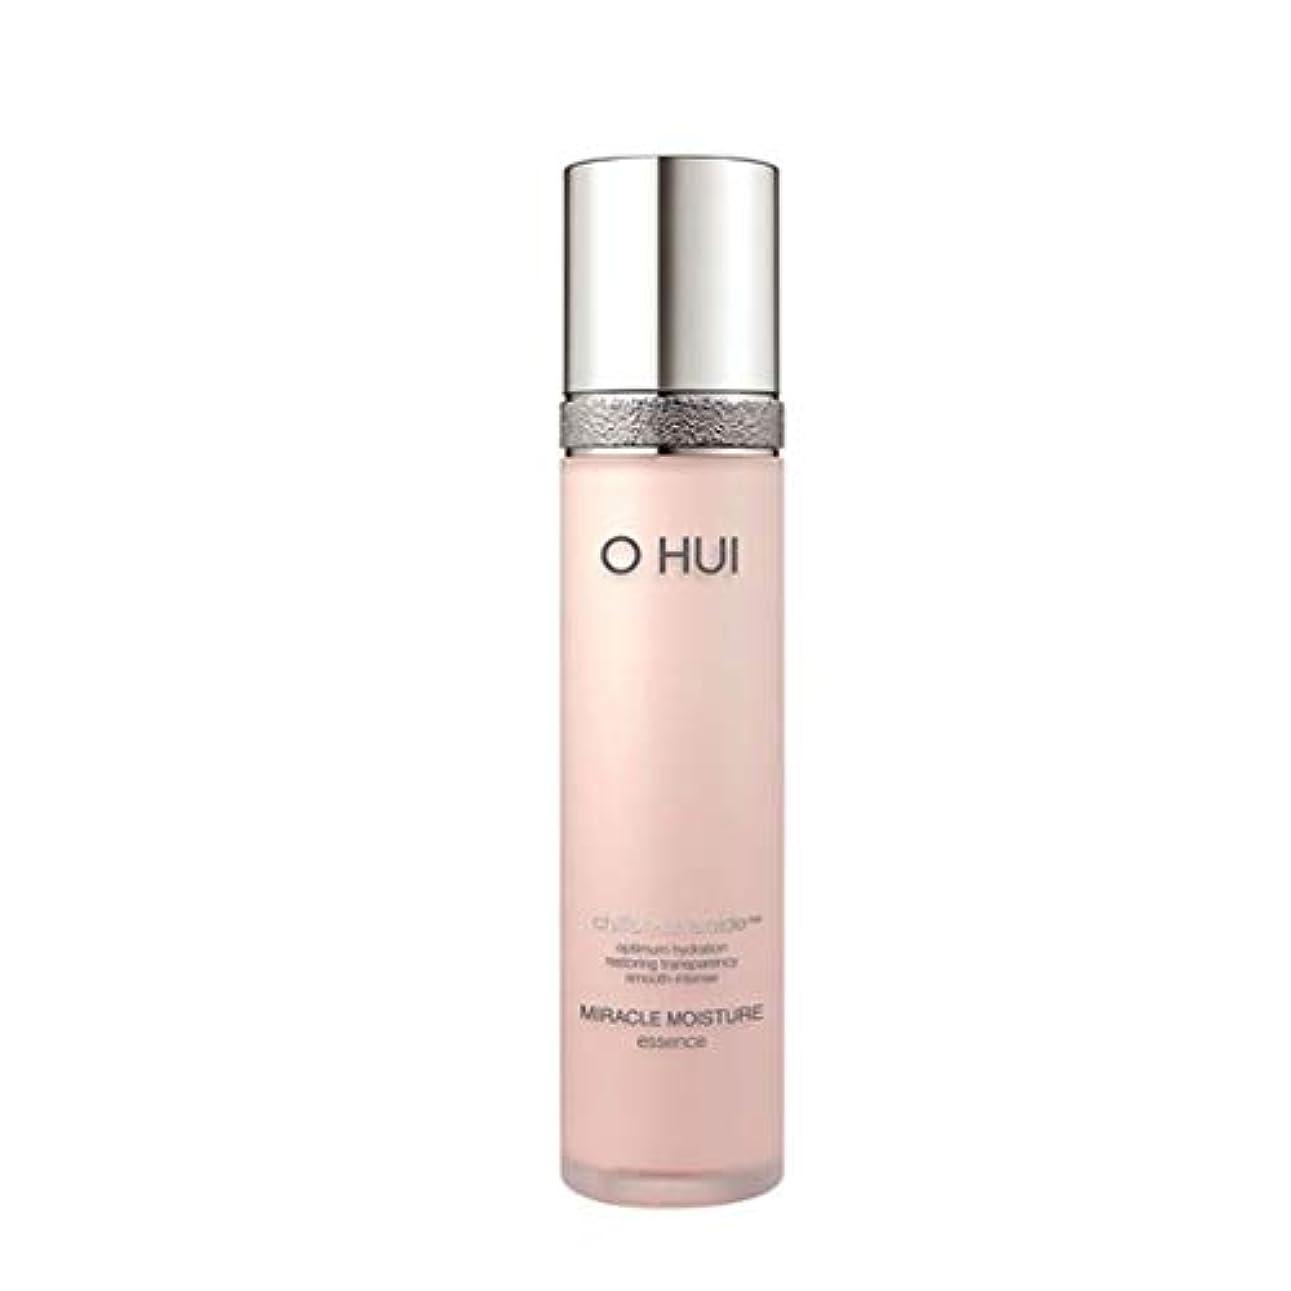 レプリカであること挽くオフィミラクルモイスチャーエッセンス45ml韓国コスメ、O Hui Miracle Moisture Essence 45ml Korean Cosmetics [並行輸入品]